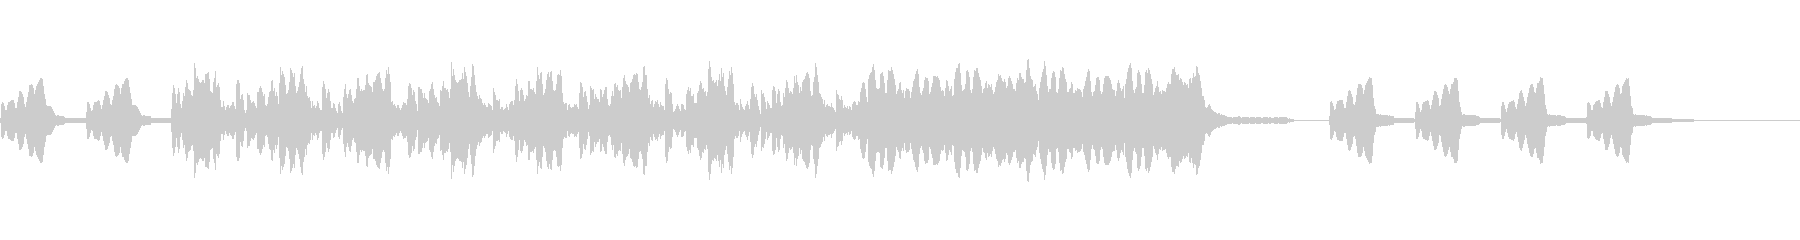 オーケストラ楽器。渦巻くドラマチッ...の未再生の波形